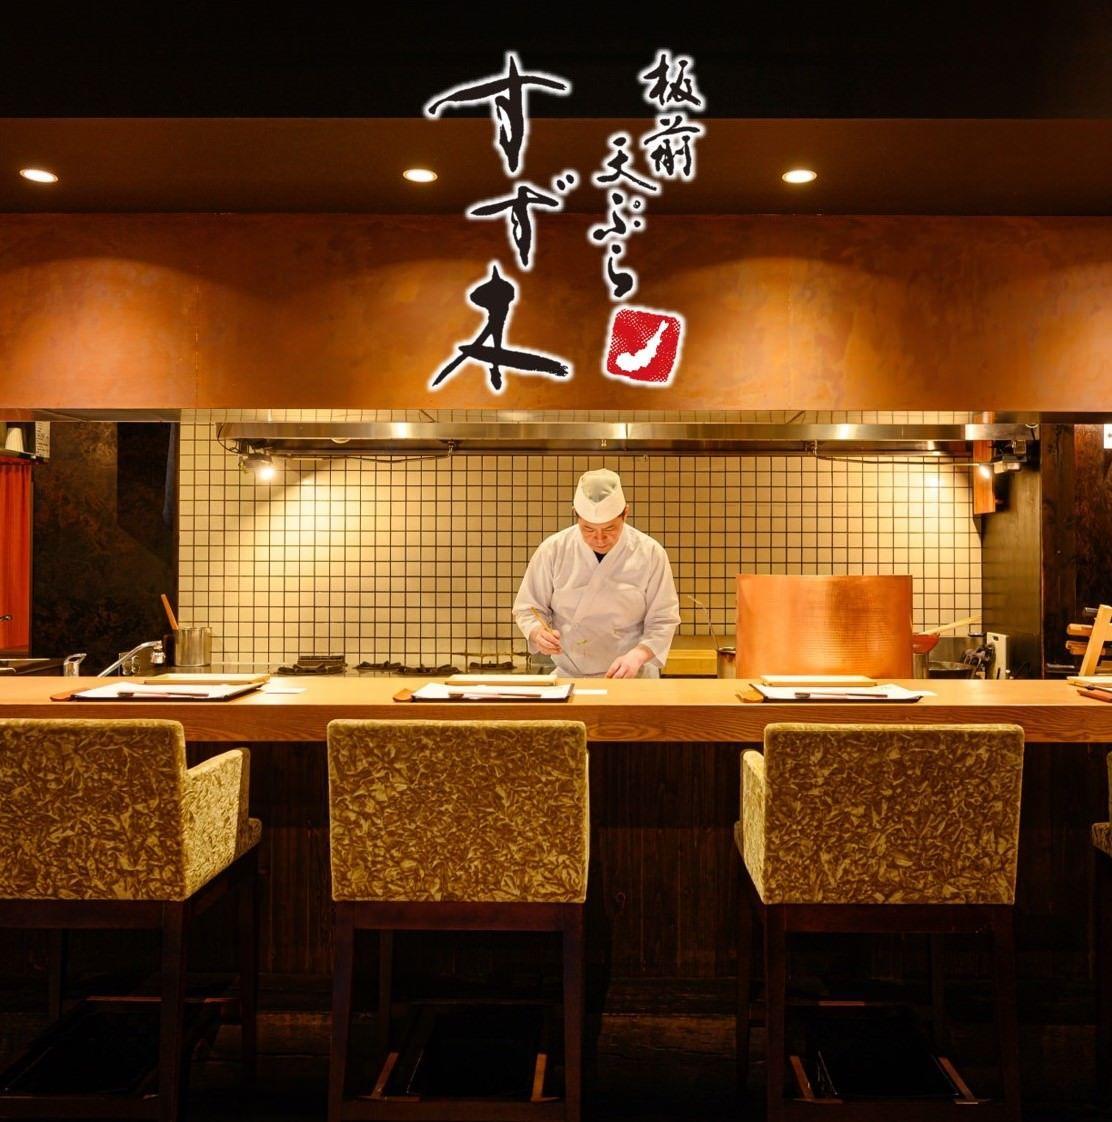 しゃぶしゃぶ 和食 Yasaido 野菜道のイメージ写真